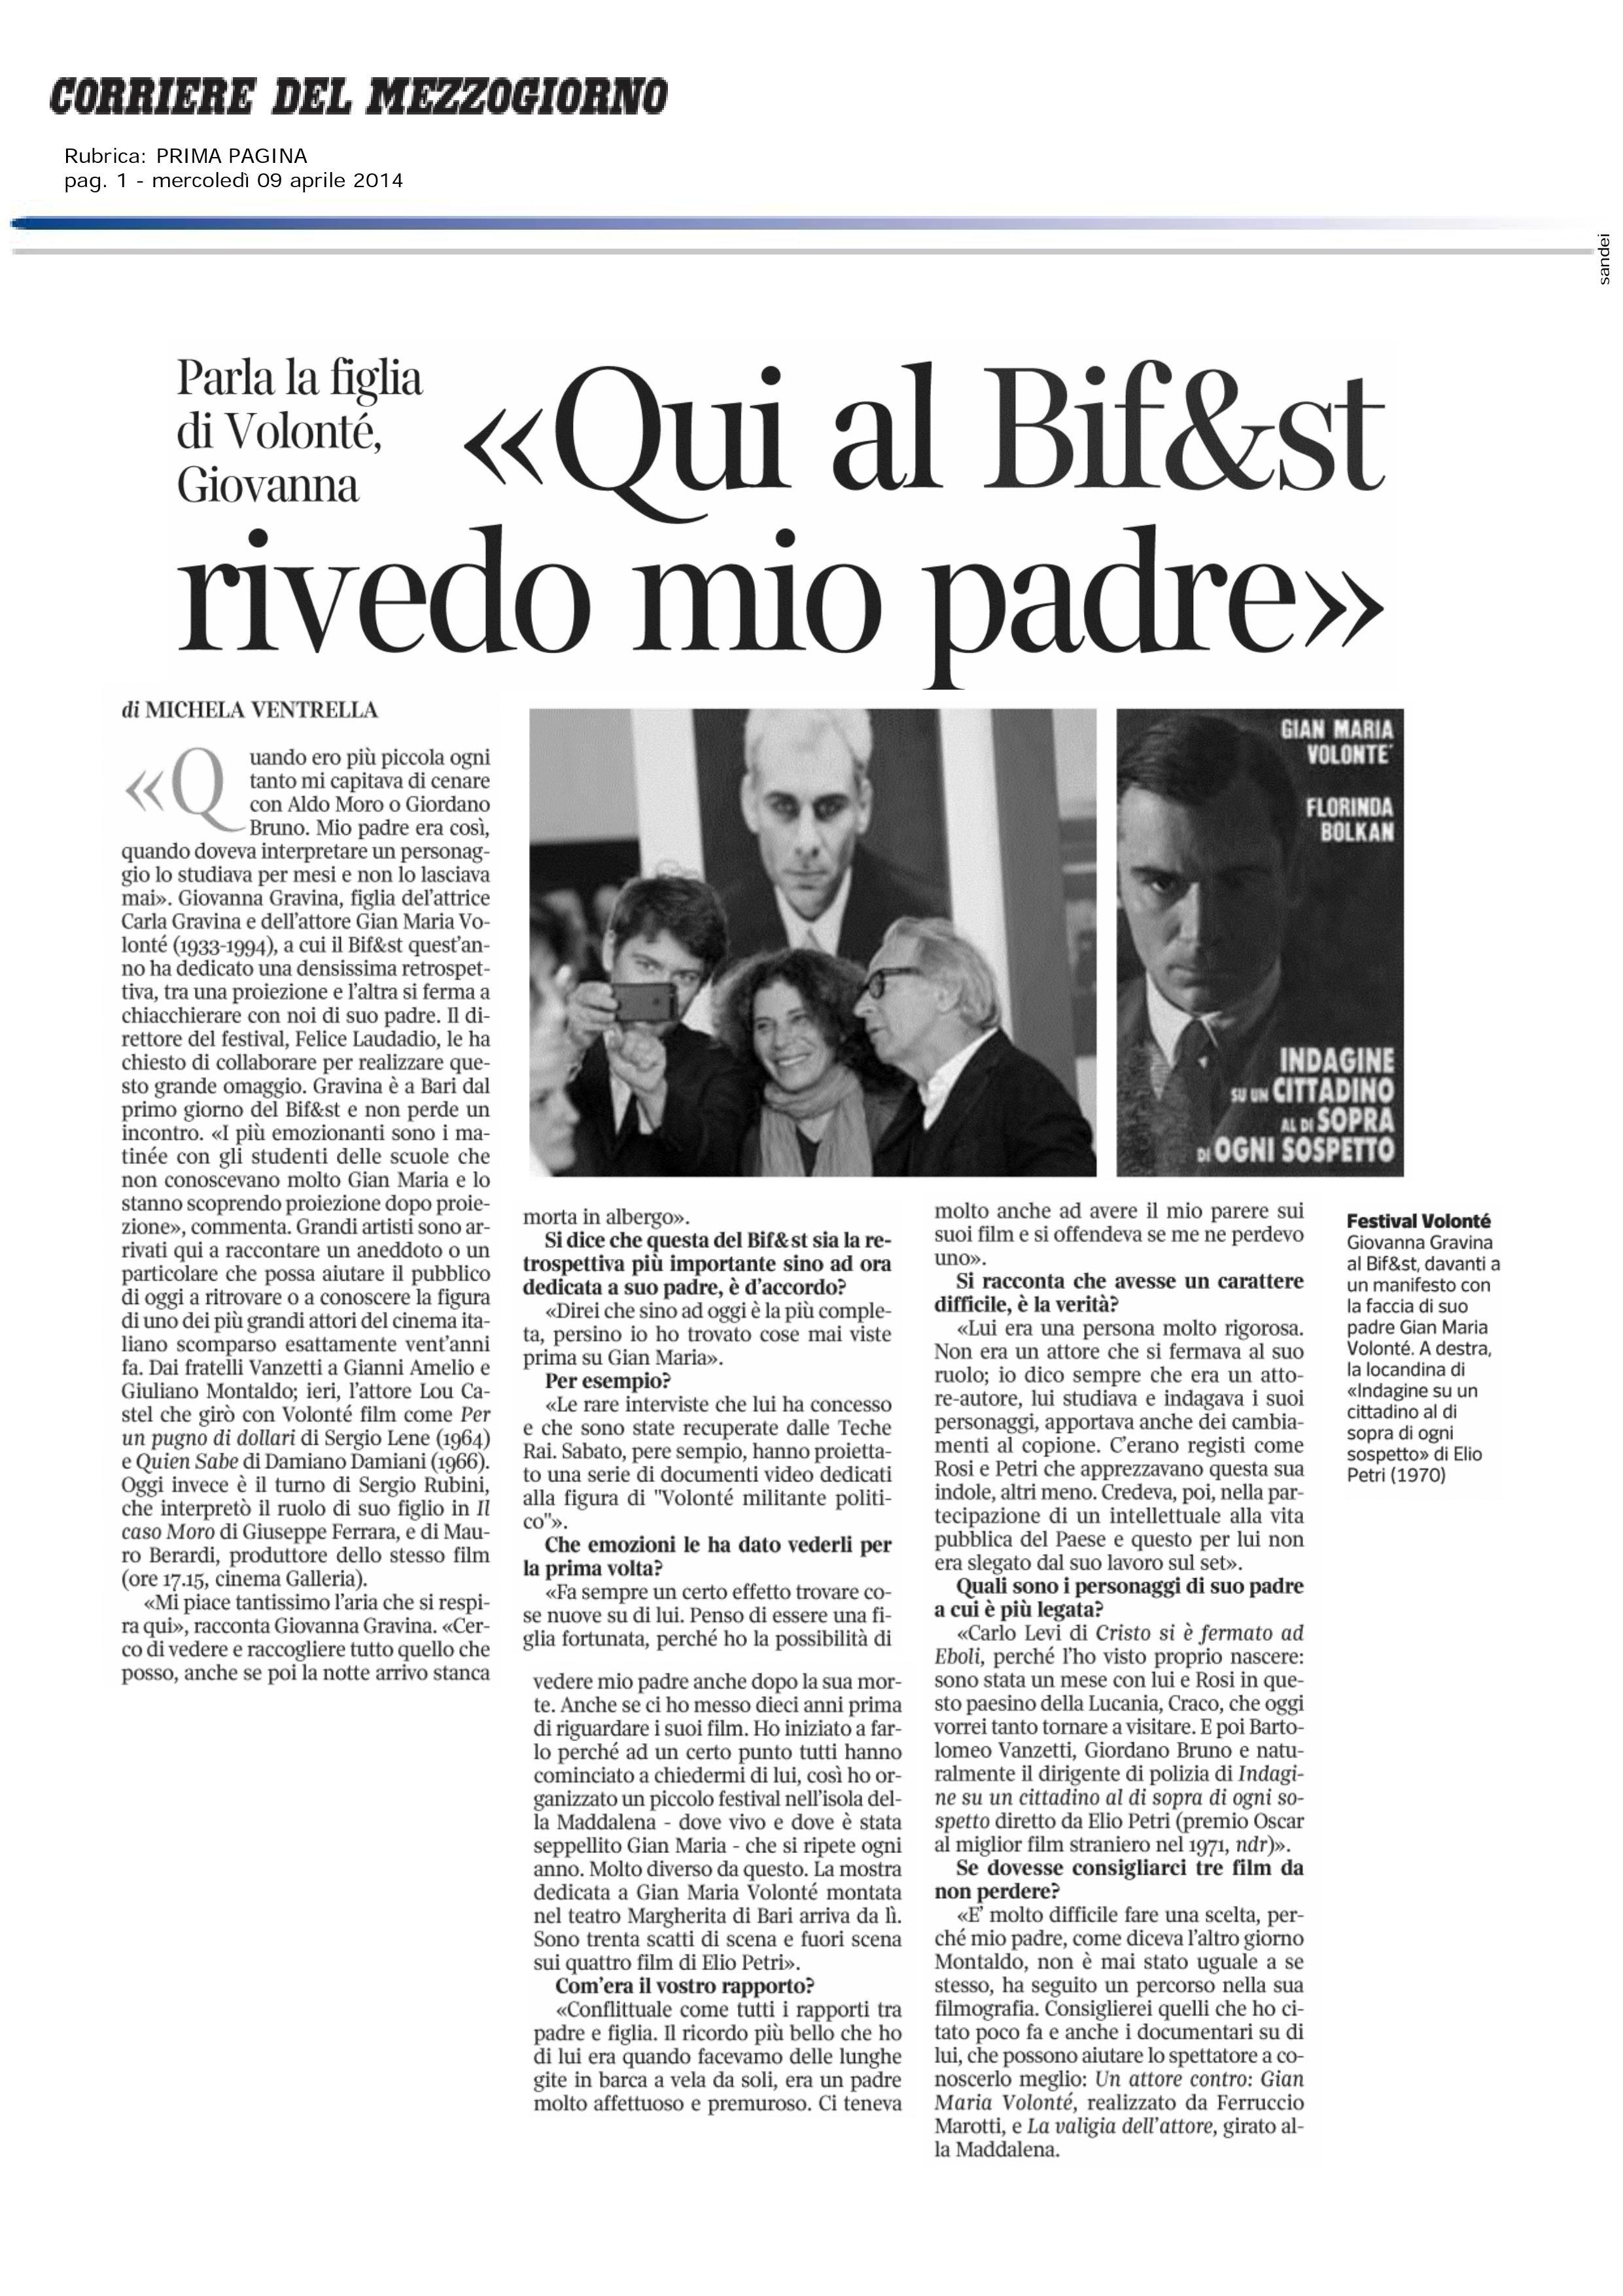 Corriere del Mezzogiorno 09-04-14 2